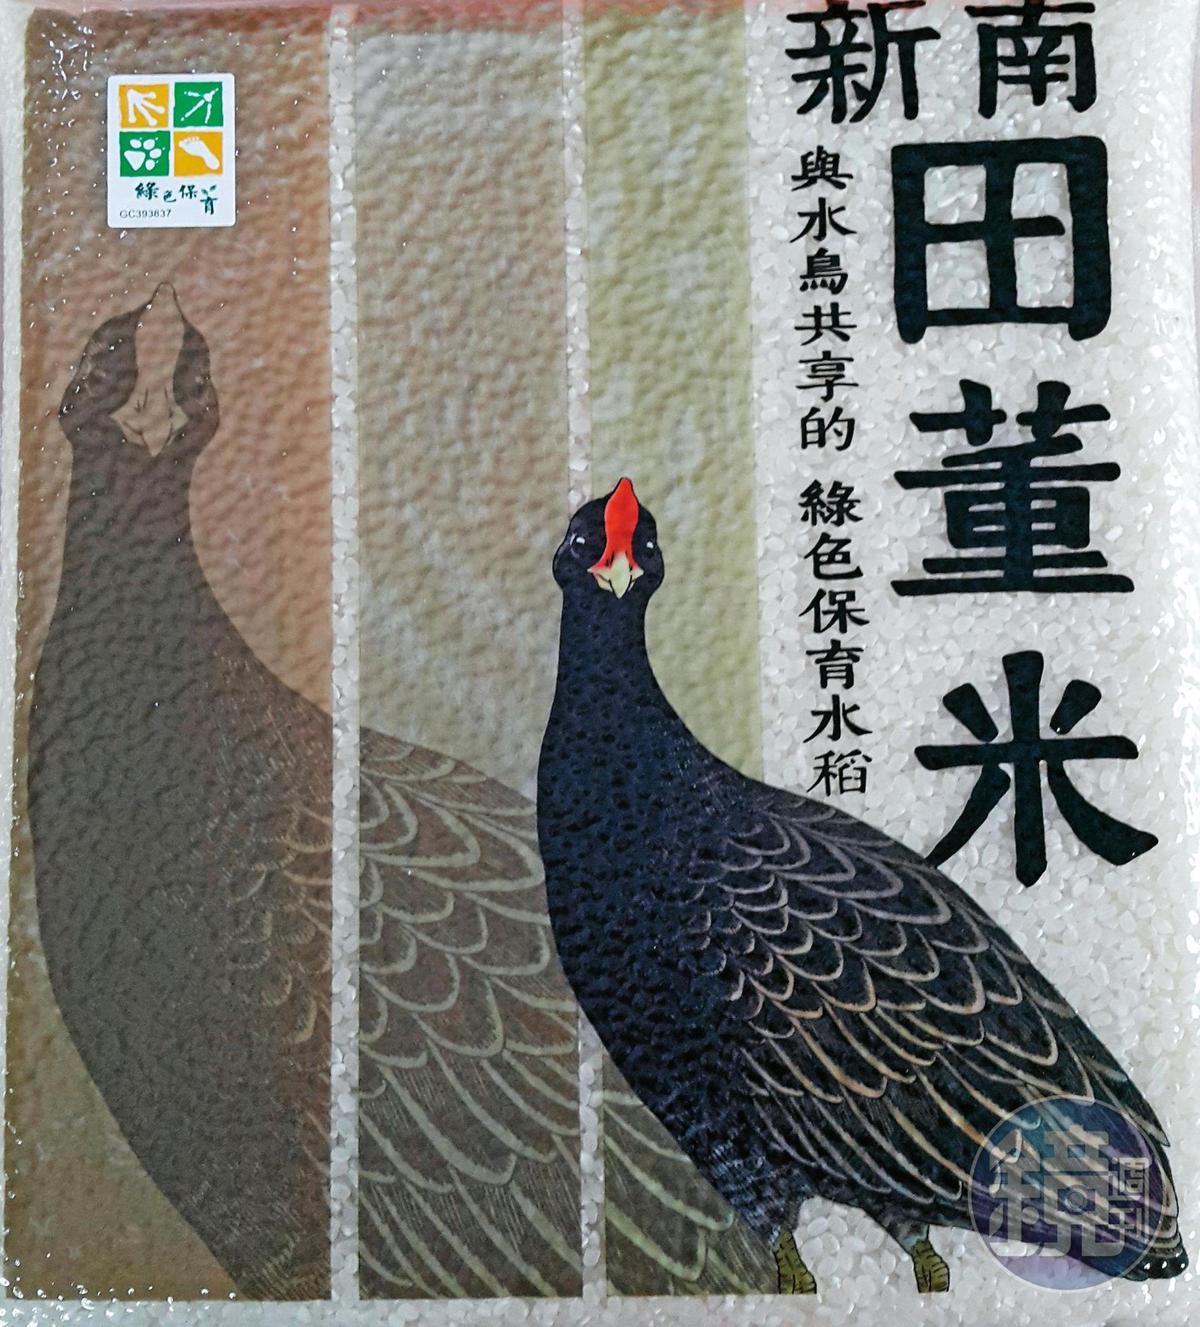 以董雞圖樣為包裝的「高雄147香米」,外觀圓潤,嘗起來口感Q彈,是賣最好的產品。(250元/3台斤)